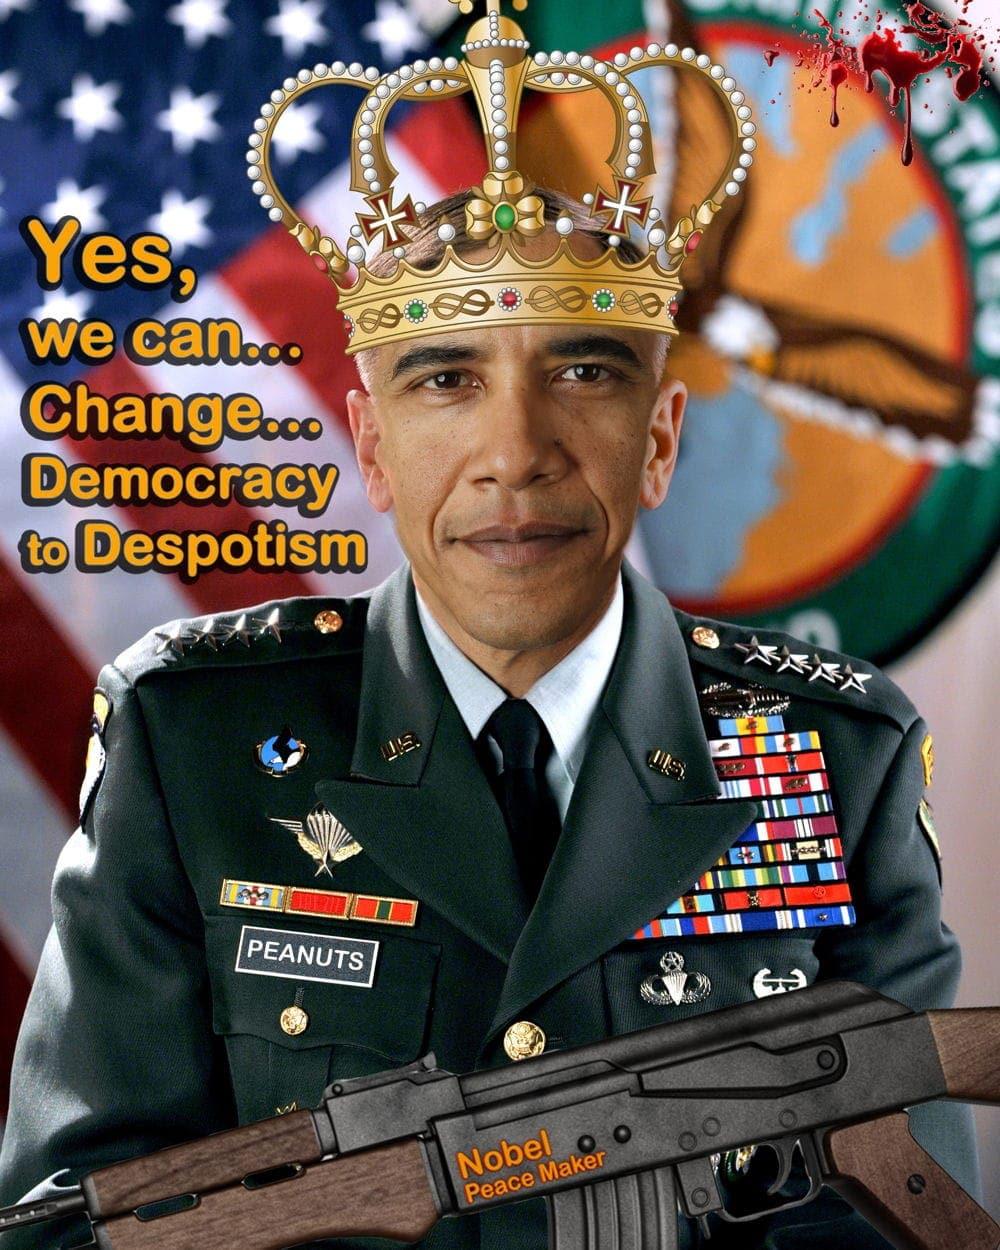 King Barack Hussein Obama II als Oberbefehlshaber auf Friedenstour